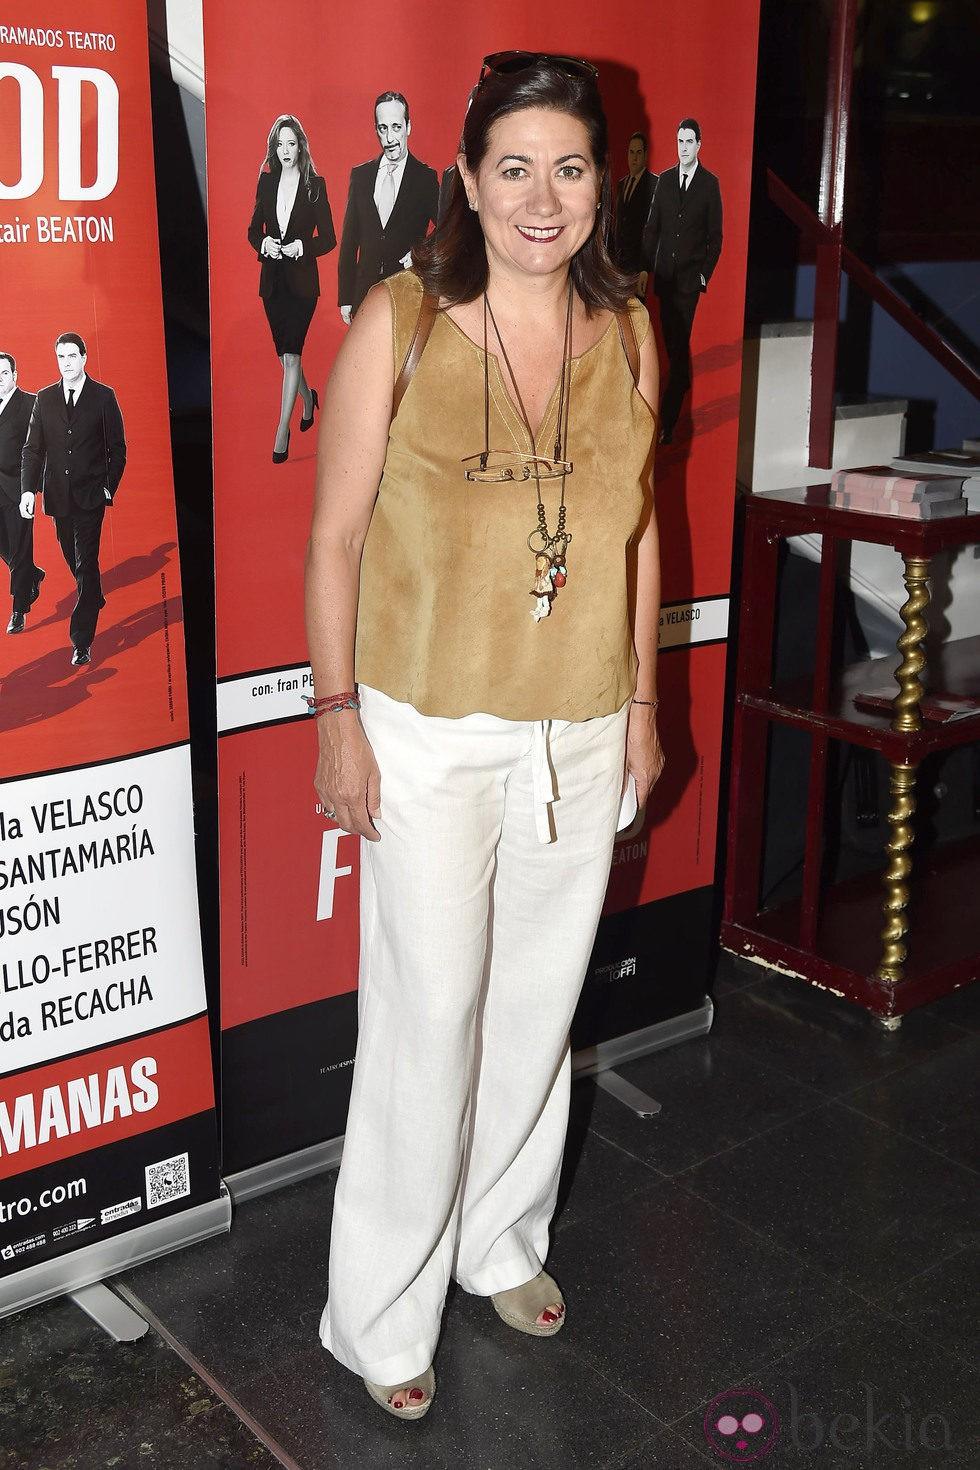 Luisa Martín en el estreno de 'Feelgood' en Madrid